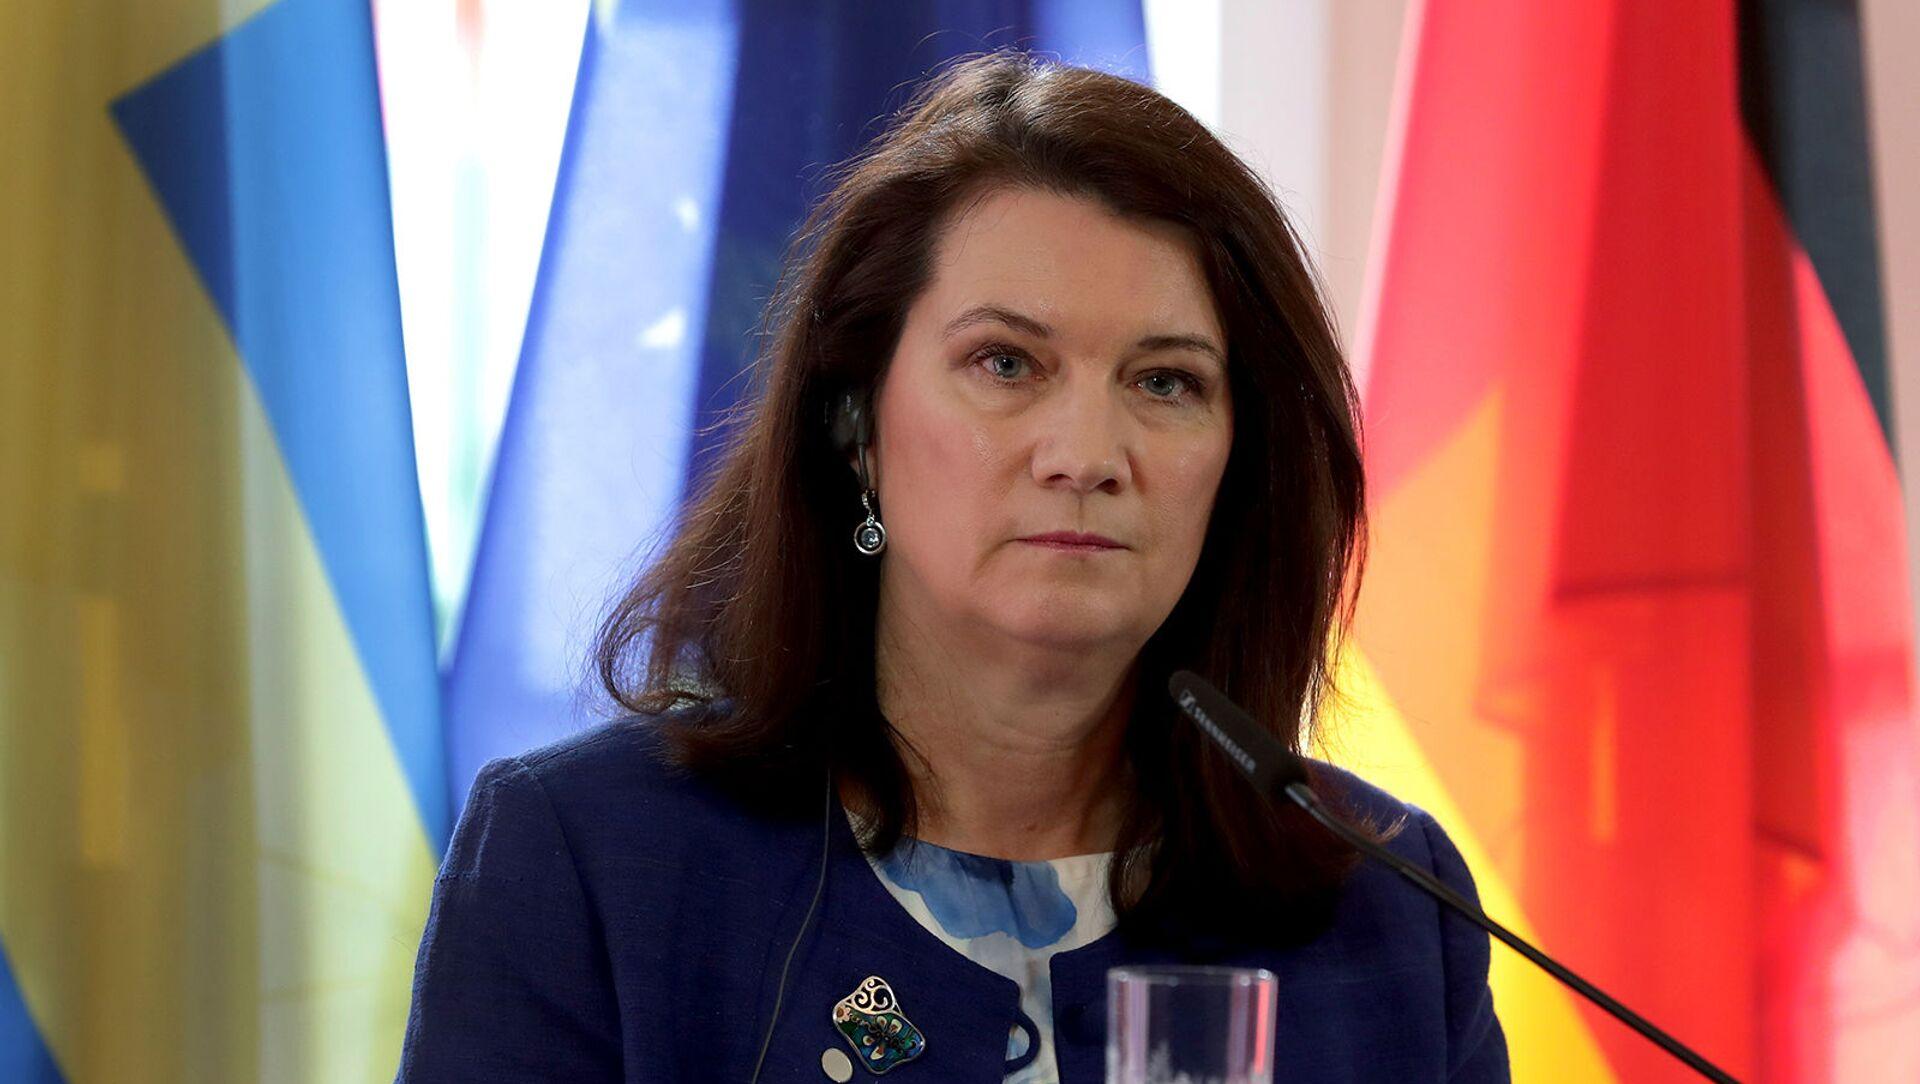 Министр иностранных дел Швеции Анн Линде на совместной пресс-конференции с главой МИД Германии (25 февраля 2020). Берлин - Sputnik Армения, 1920, 10.03.2021